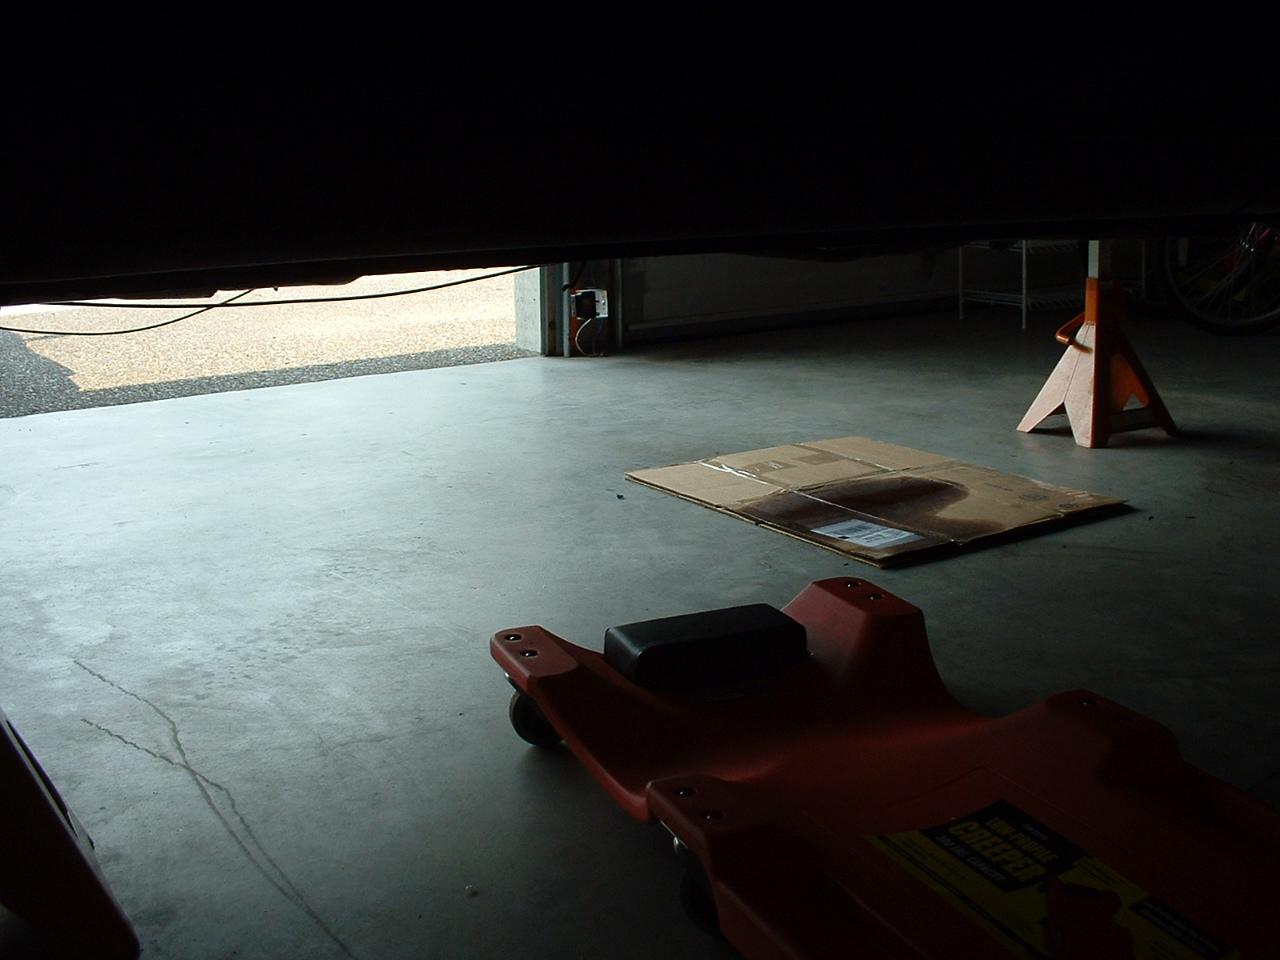 Interior_1 003